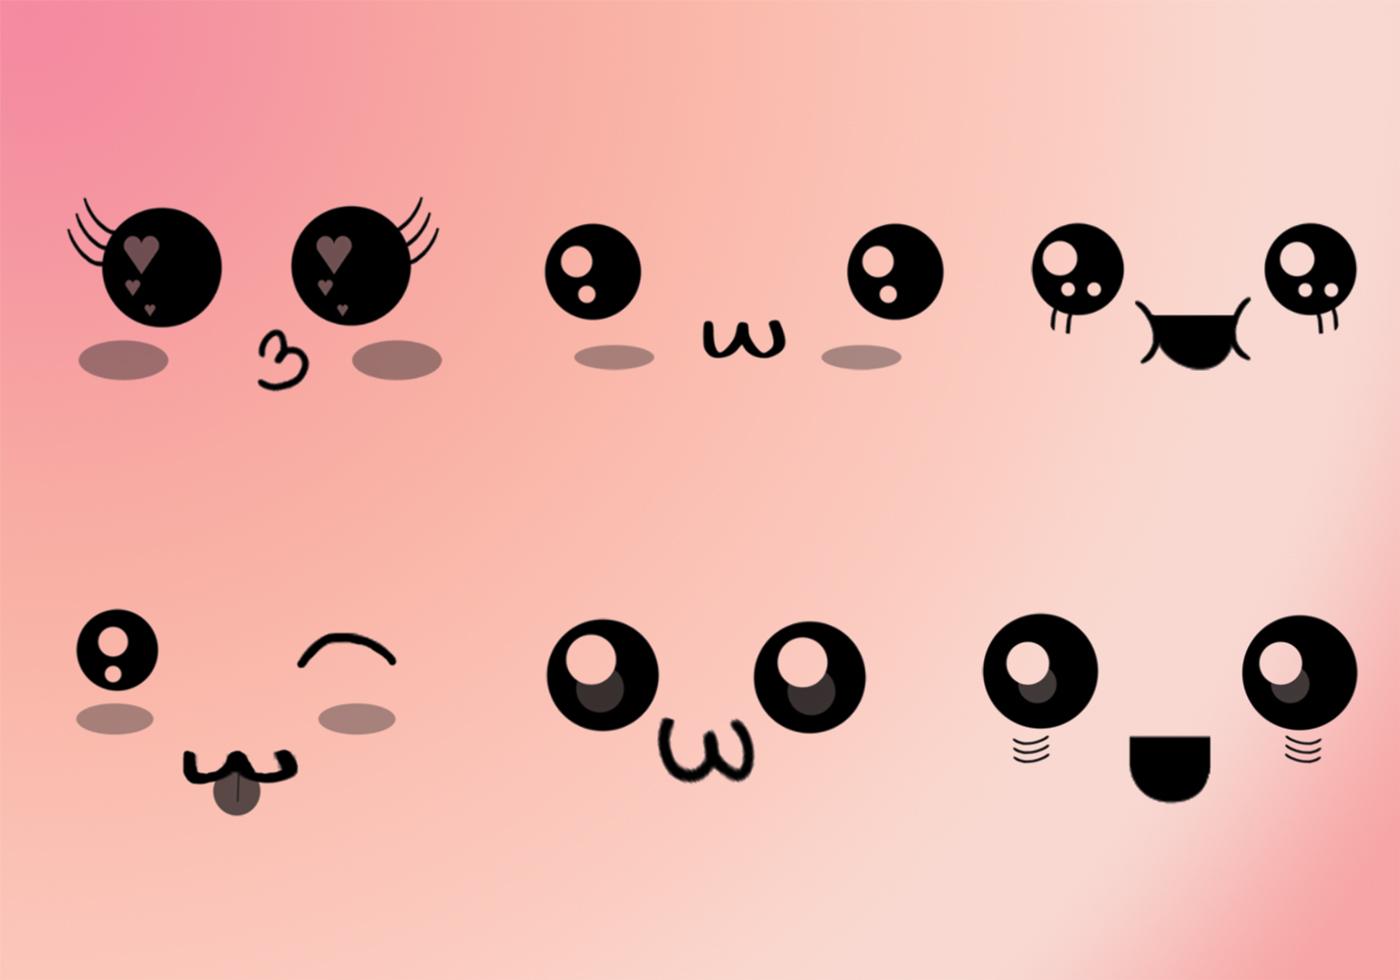 Cepillos de caras kawaii pinceles gratis de photoshop en brusheezy - Emoticone kawaii ...